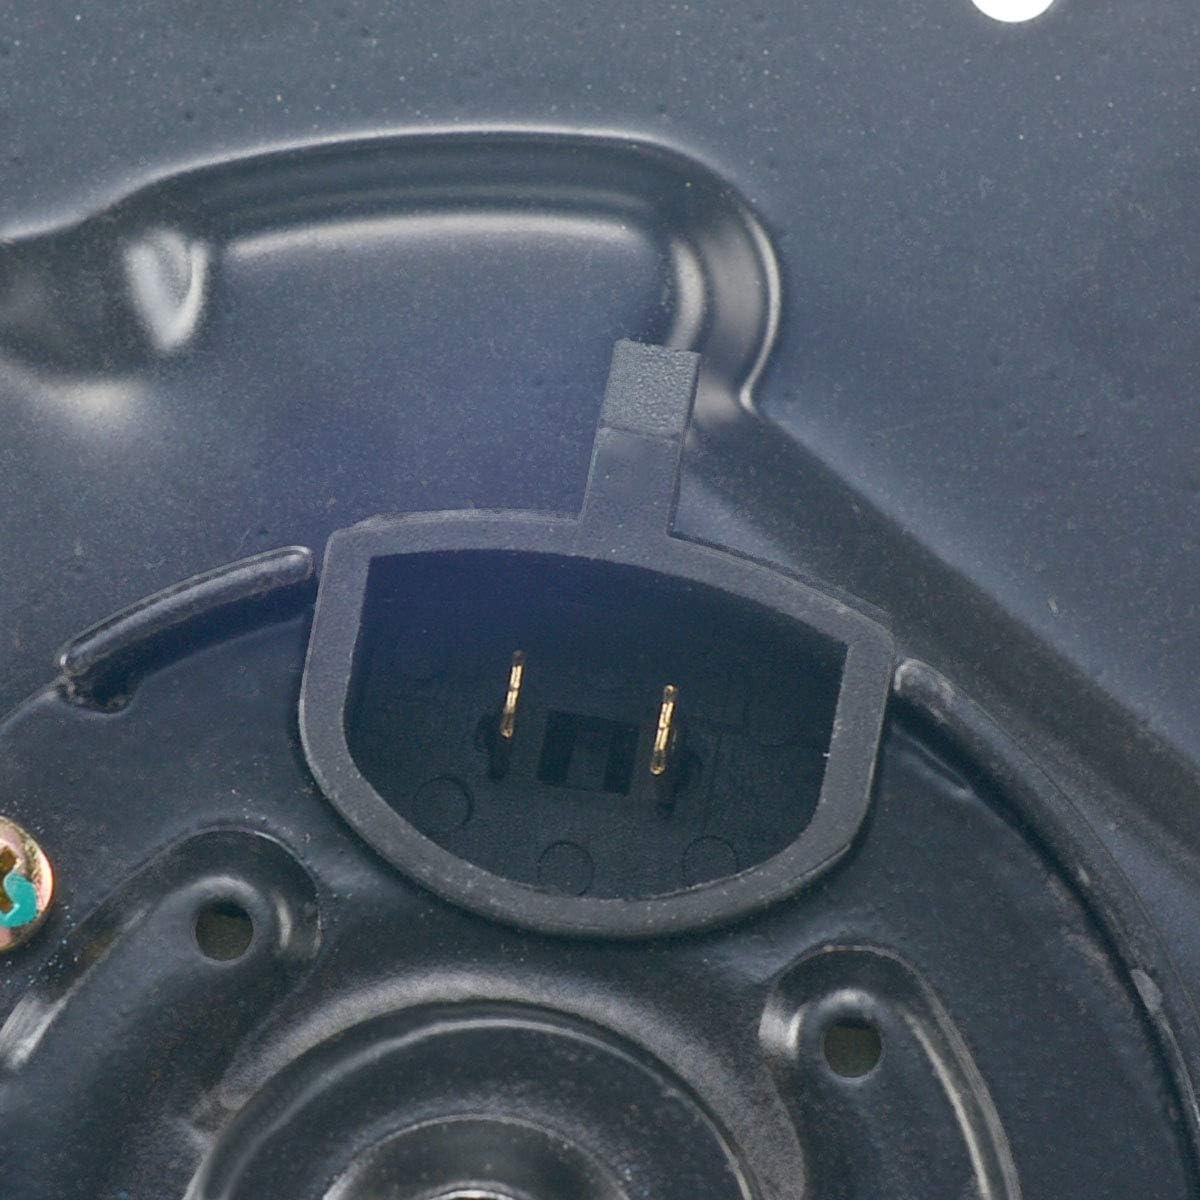 A-Premium Heater Blower Motor with Fan Cage Replacement for Ford E-150 2002-2014 E-250 E-350 Econoline E-450 E-550 Super Duty